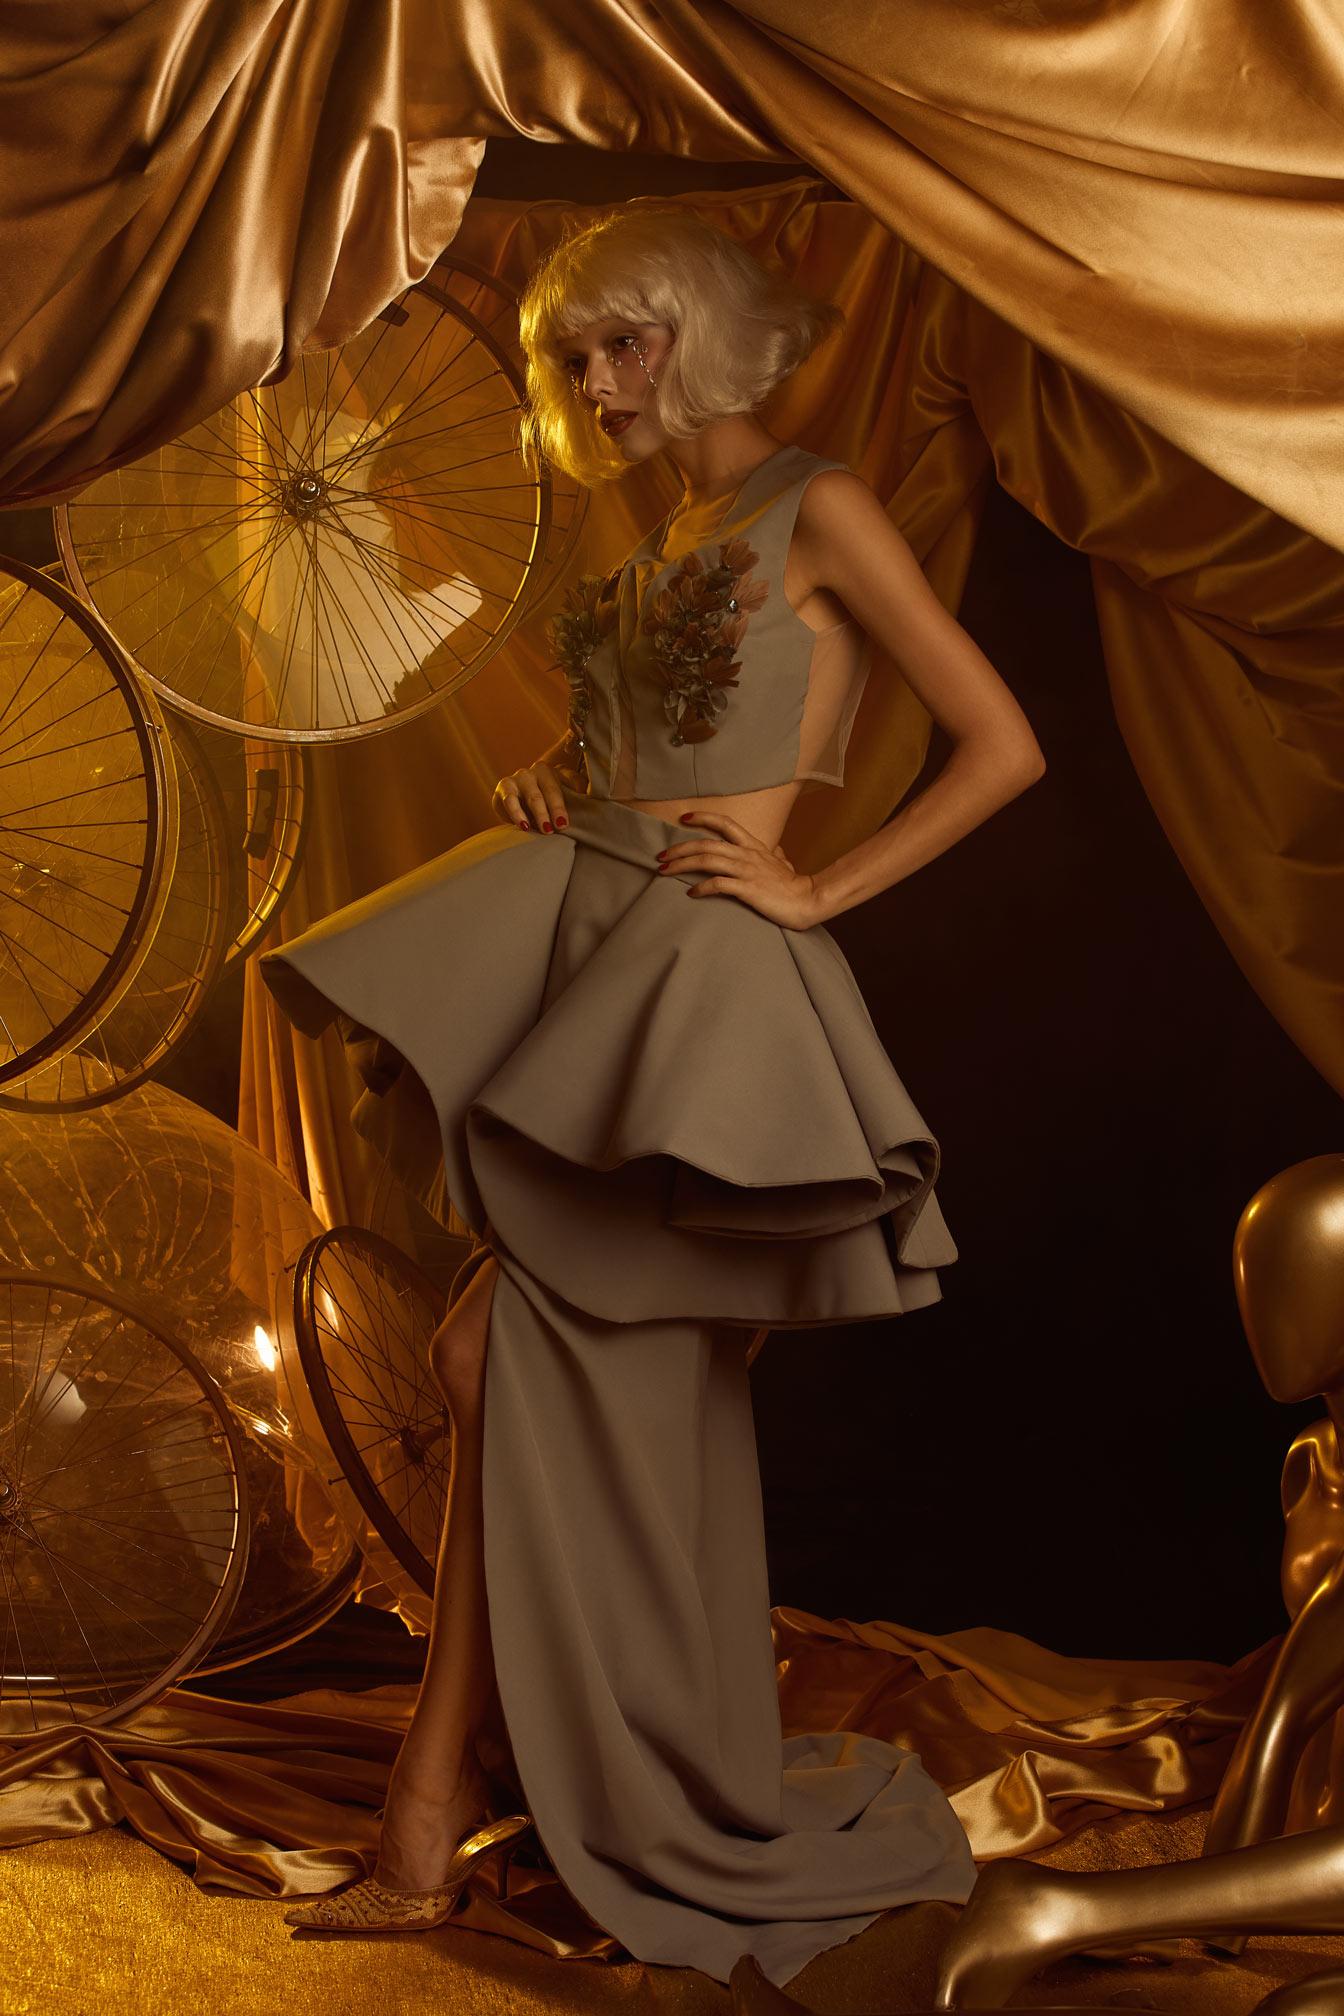 Photographe haute couture conceptuel cirque du soleil